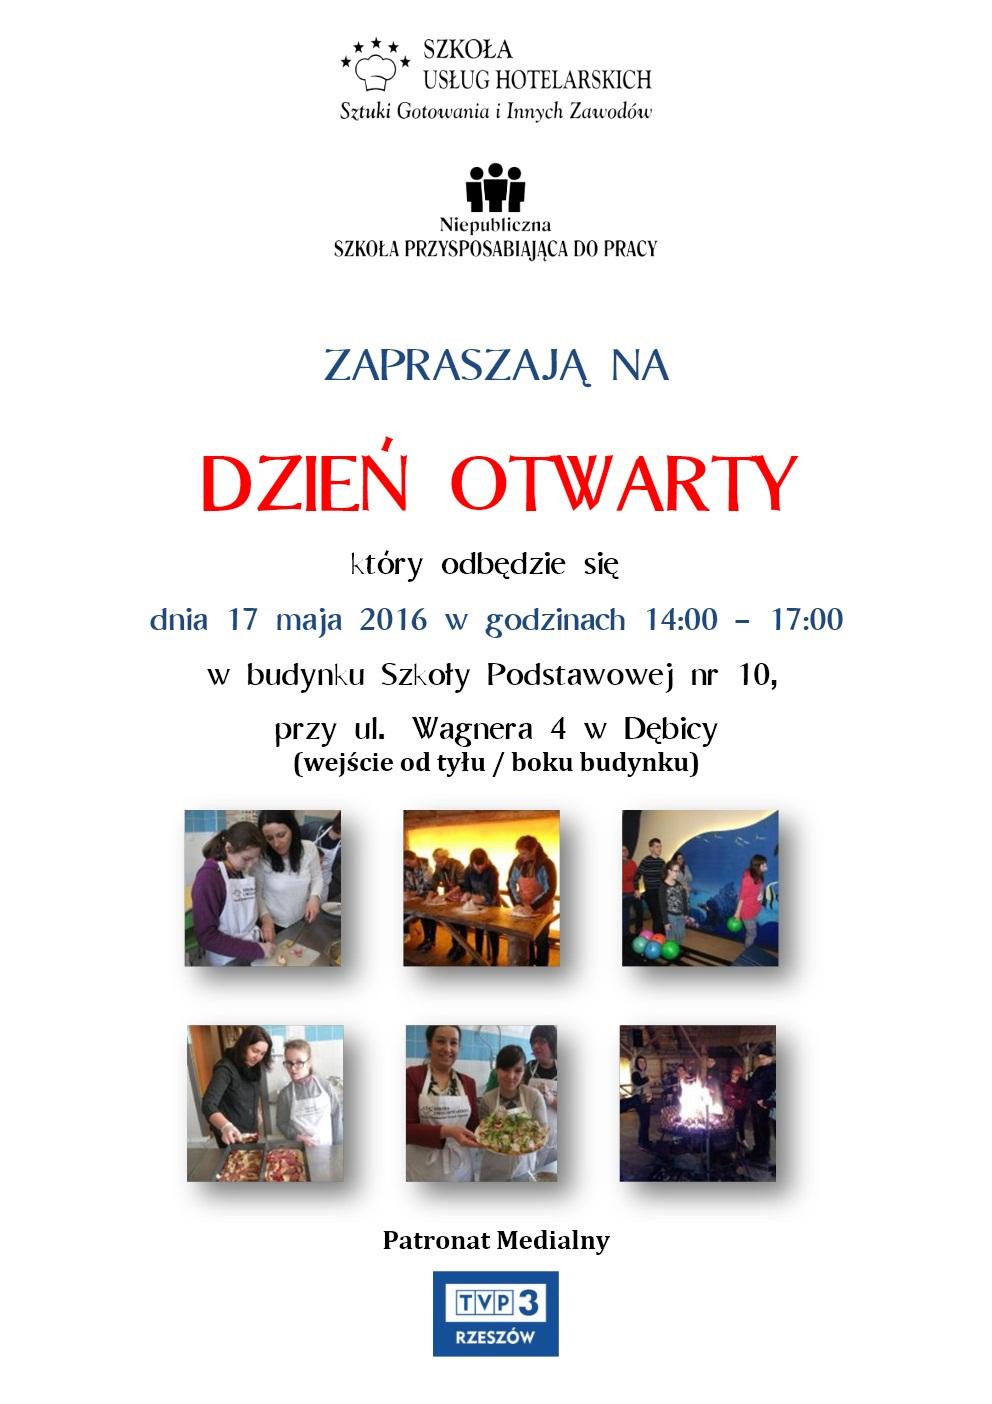 Zaproszenie na DZIEŃ OTWARTY z logo 4 wersja-2